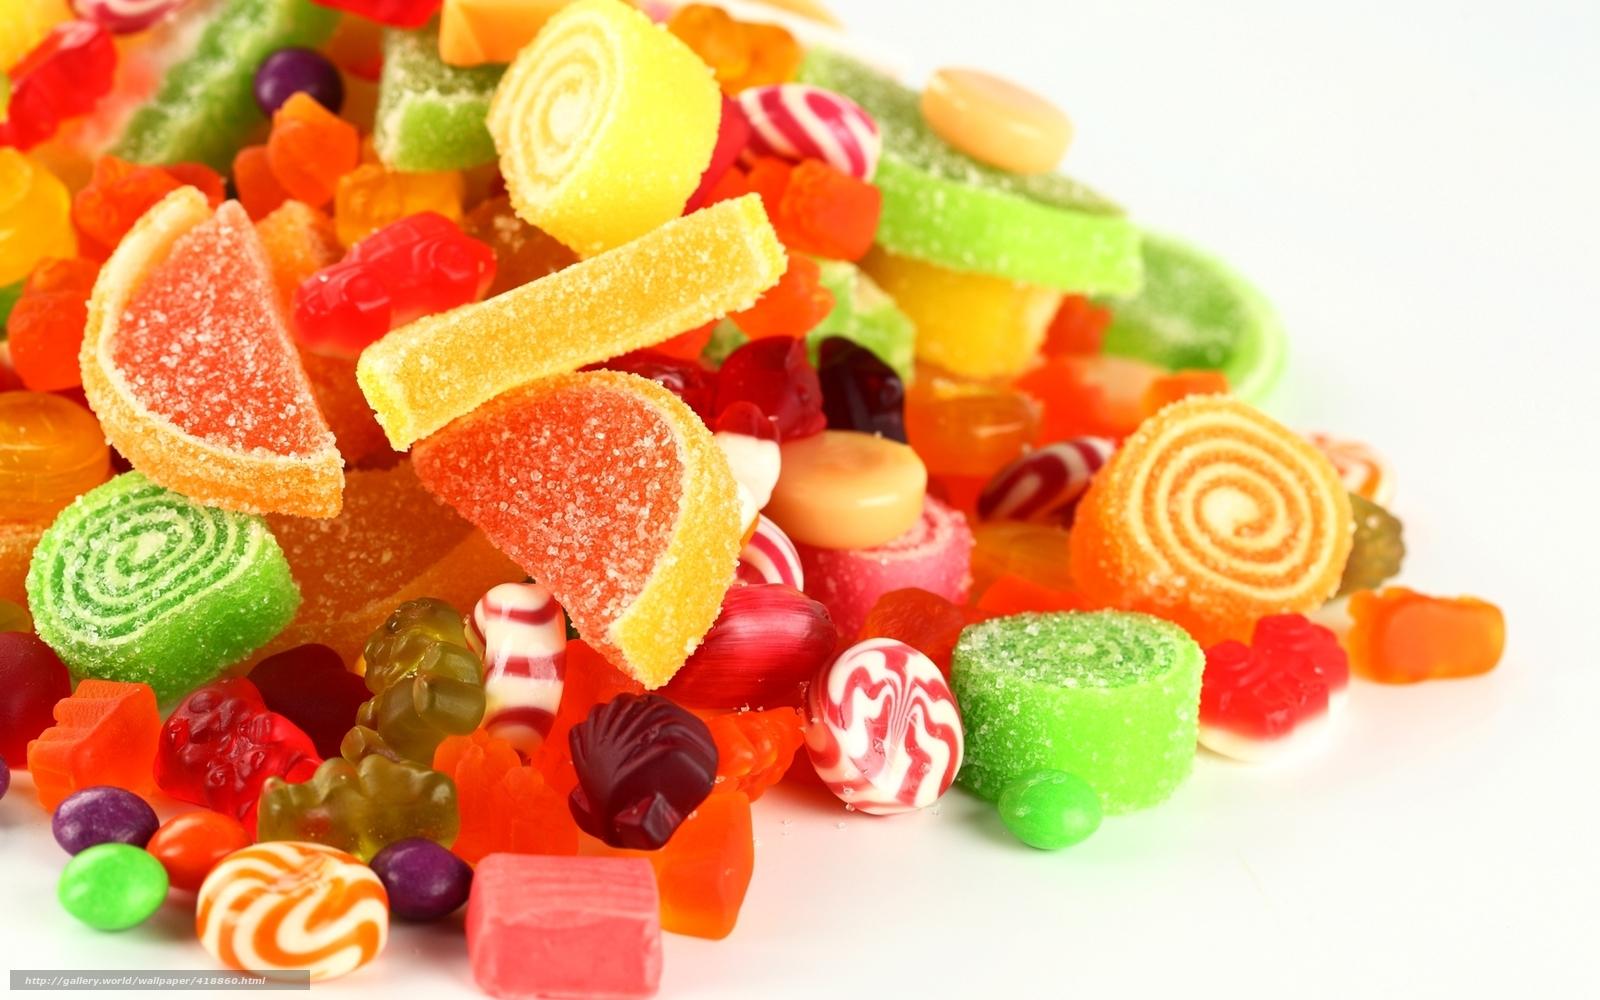 descarca imagini de fundal jujube,  zahr,  bomboane,  bomboane Imagini de fundal gratuite pentru rezoluia desktop 1680x1050 — imagine №418860